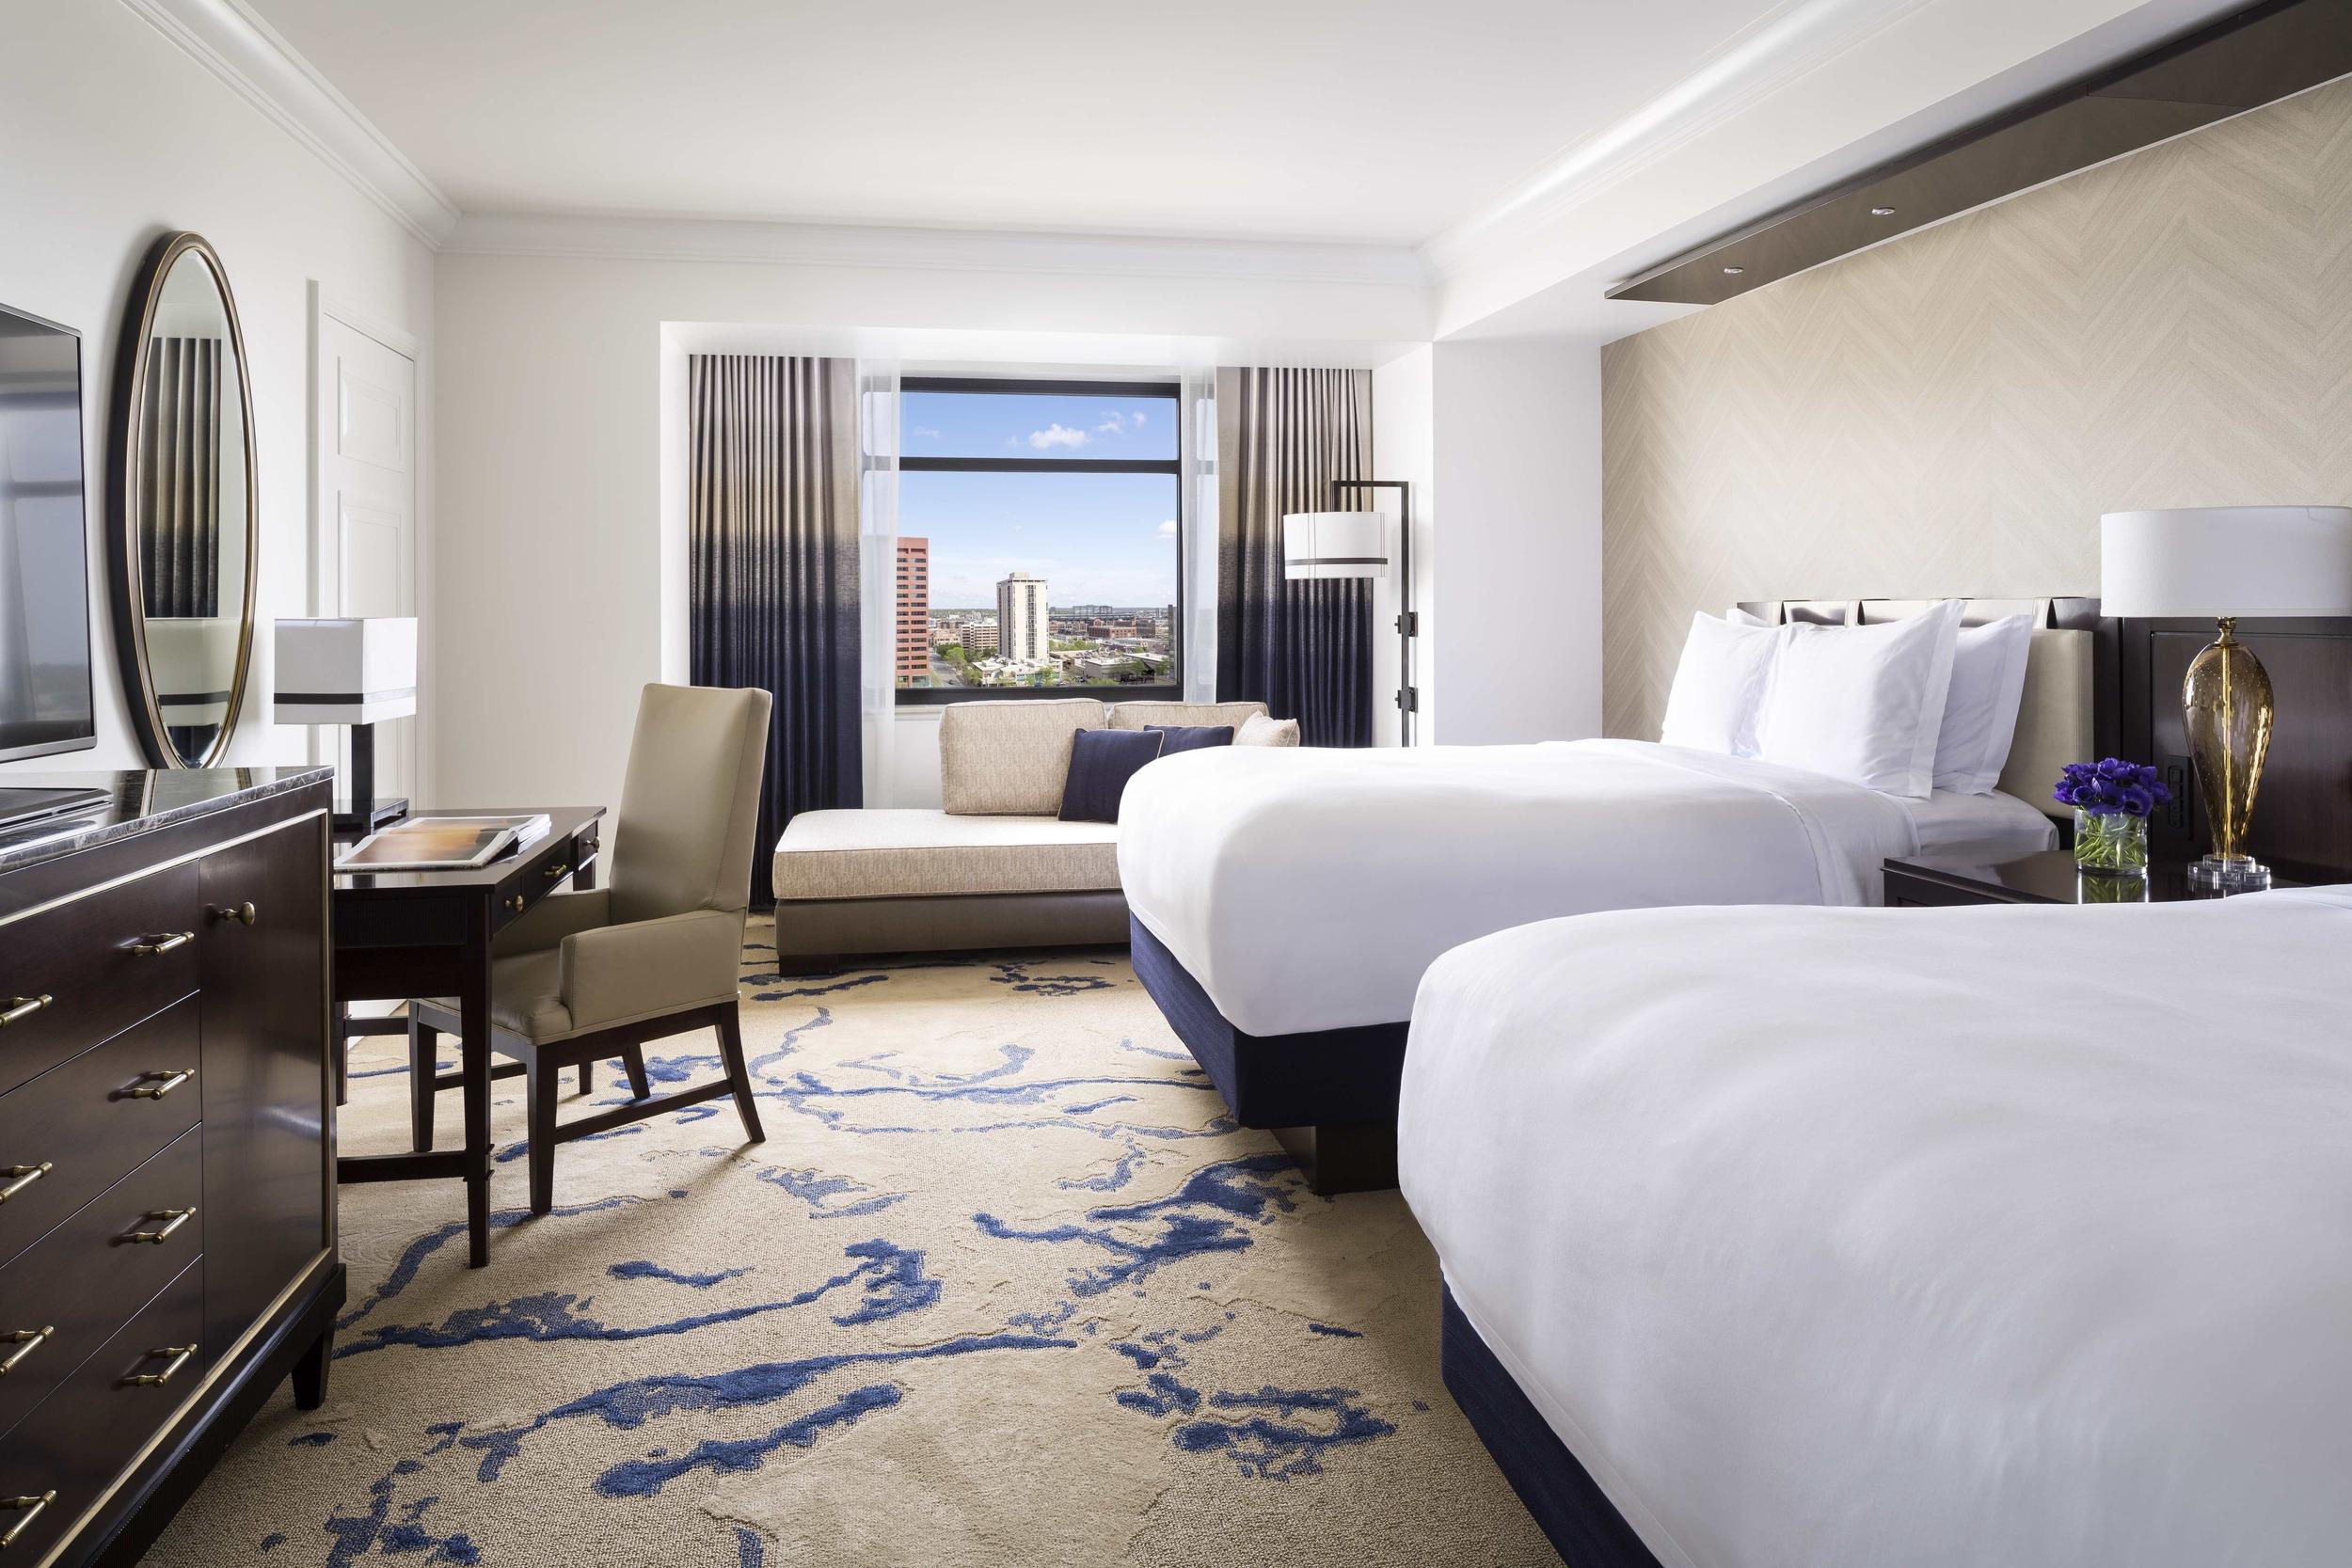 6/Ritz Carlton Denver